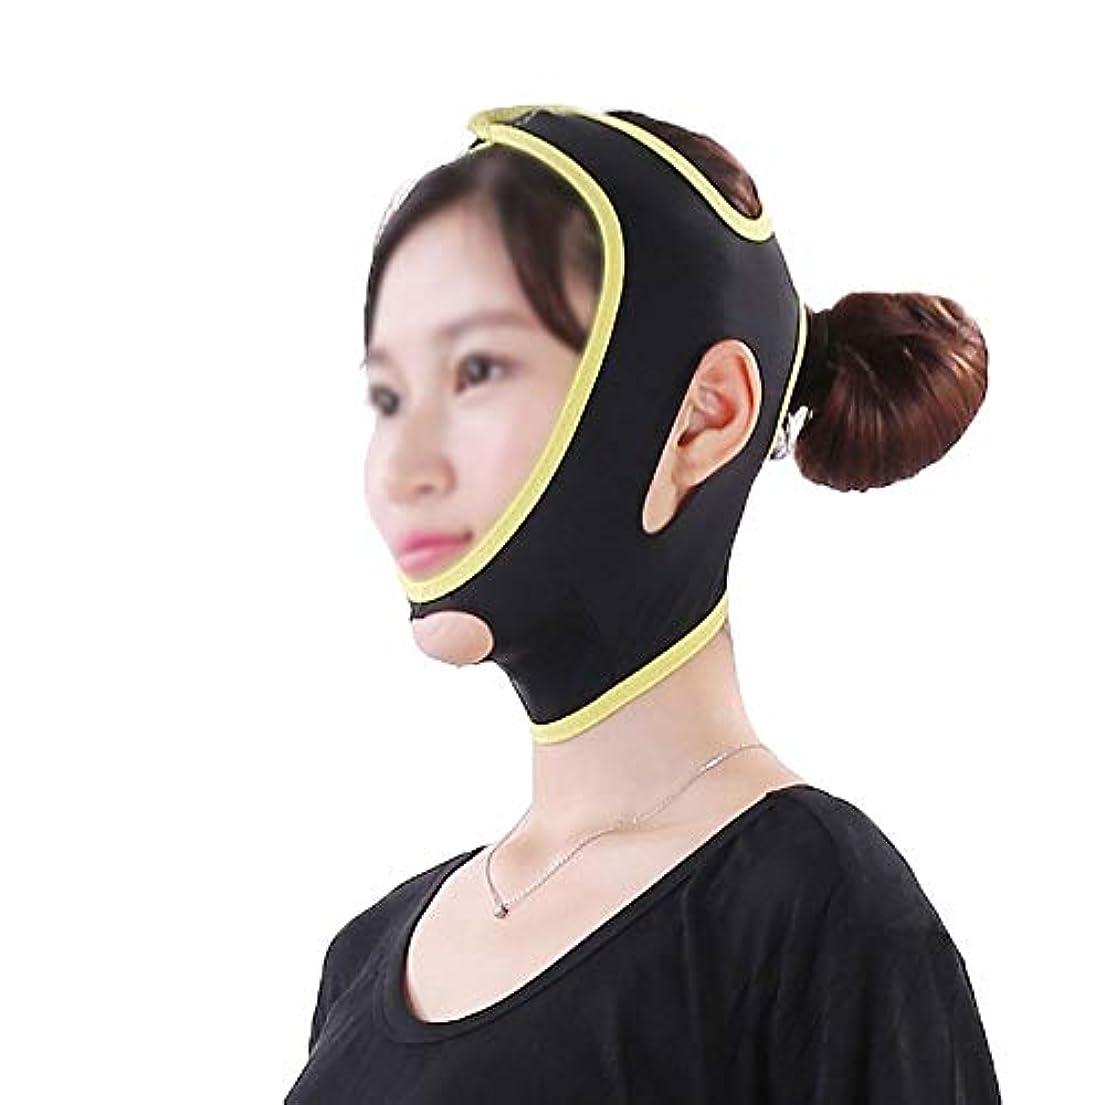 台風瞑想的新しさTLMY フェイス&ネックリフトシンフェイスマスクパワフルマスクフェイスリフトアーチファクトフェイスリフトフェイスツールシンフェイス包帯シンフェイスマスク美容マスク 顔用整形マスク (Size : L)